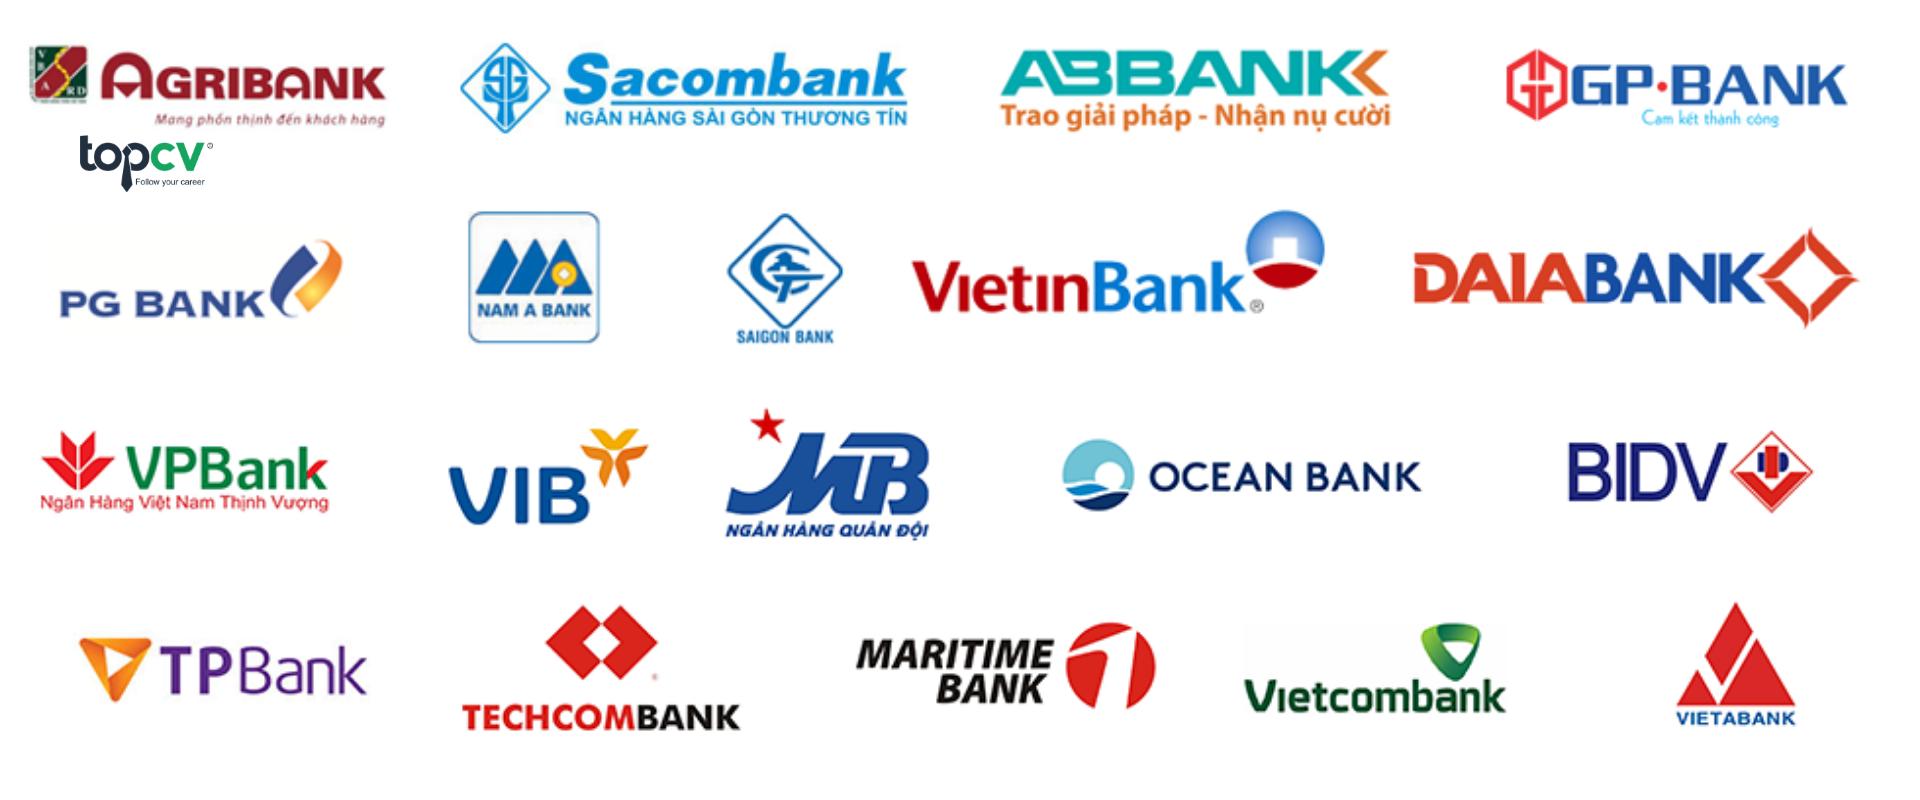 Ngân hàng số là gì? Top 7 ngân hàng số tốt nhất Việt Nam